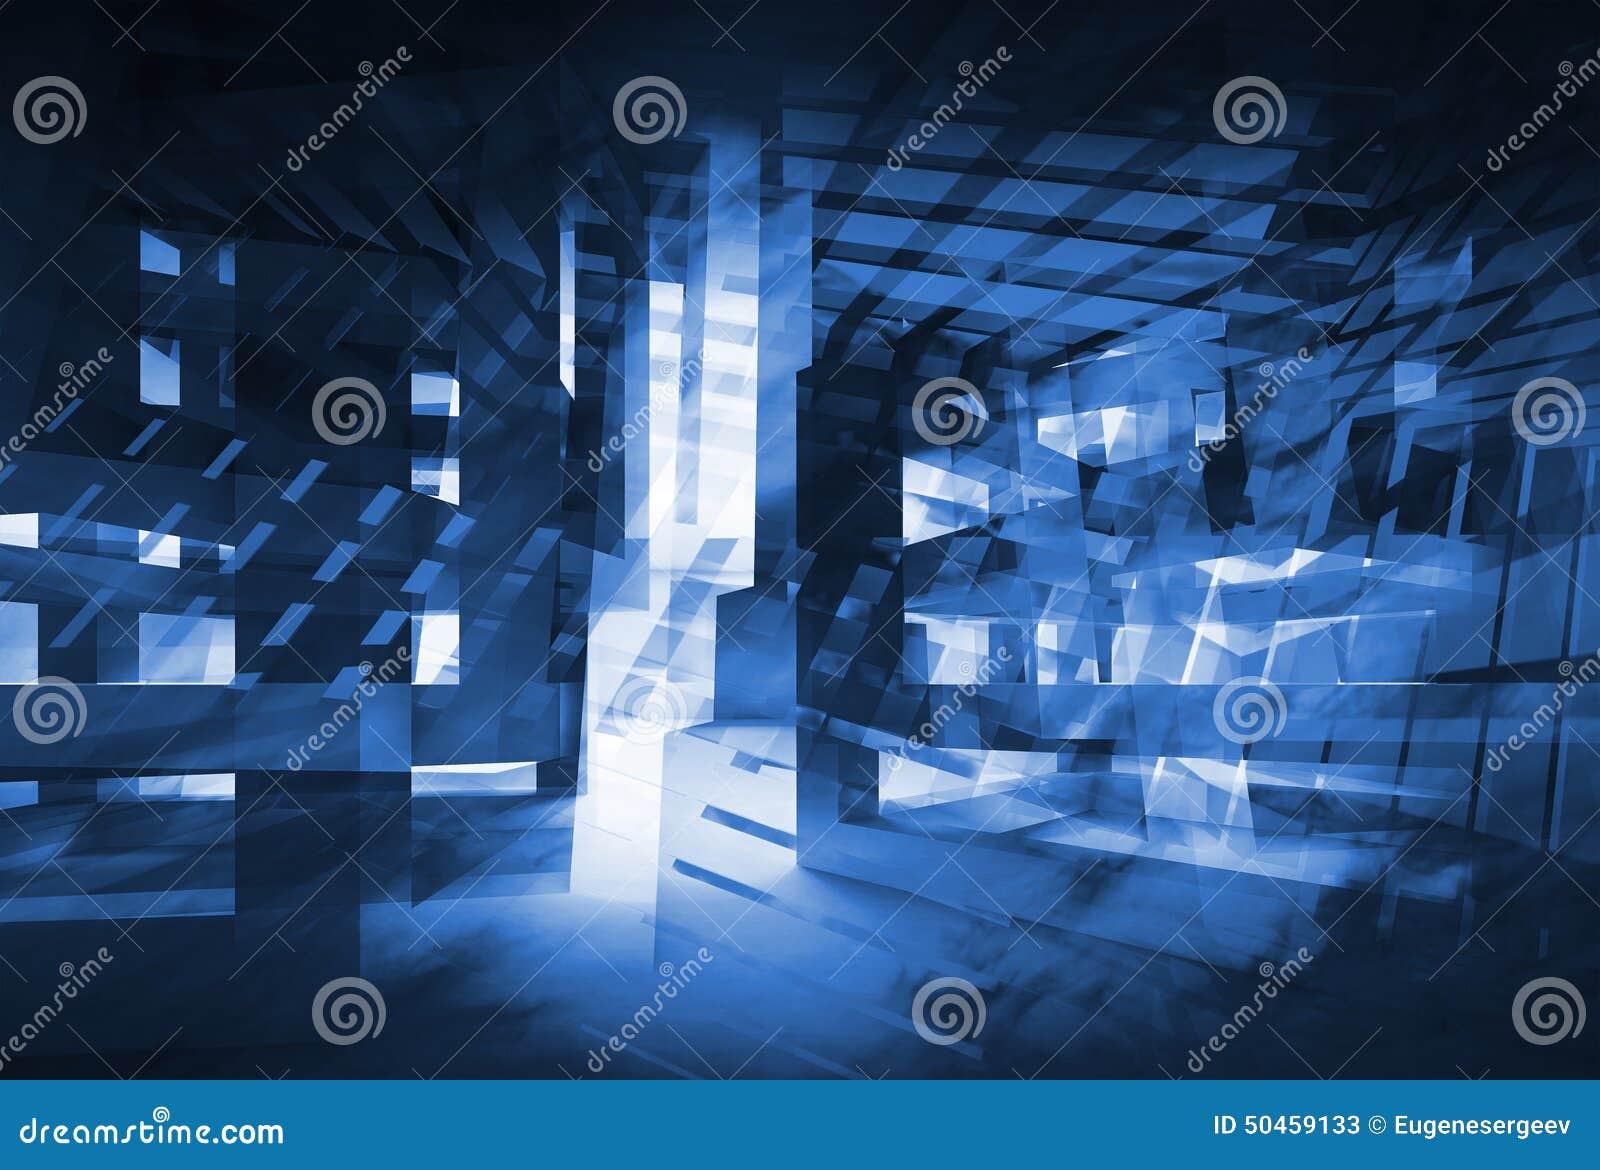 abstract dark blue 3d digital background hi tech concept stock illustration image 50459133. Black Bedroom Furniture Sets. Home Design Ideas